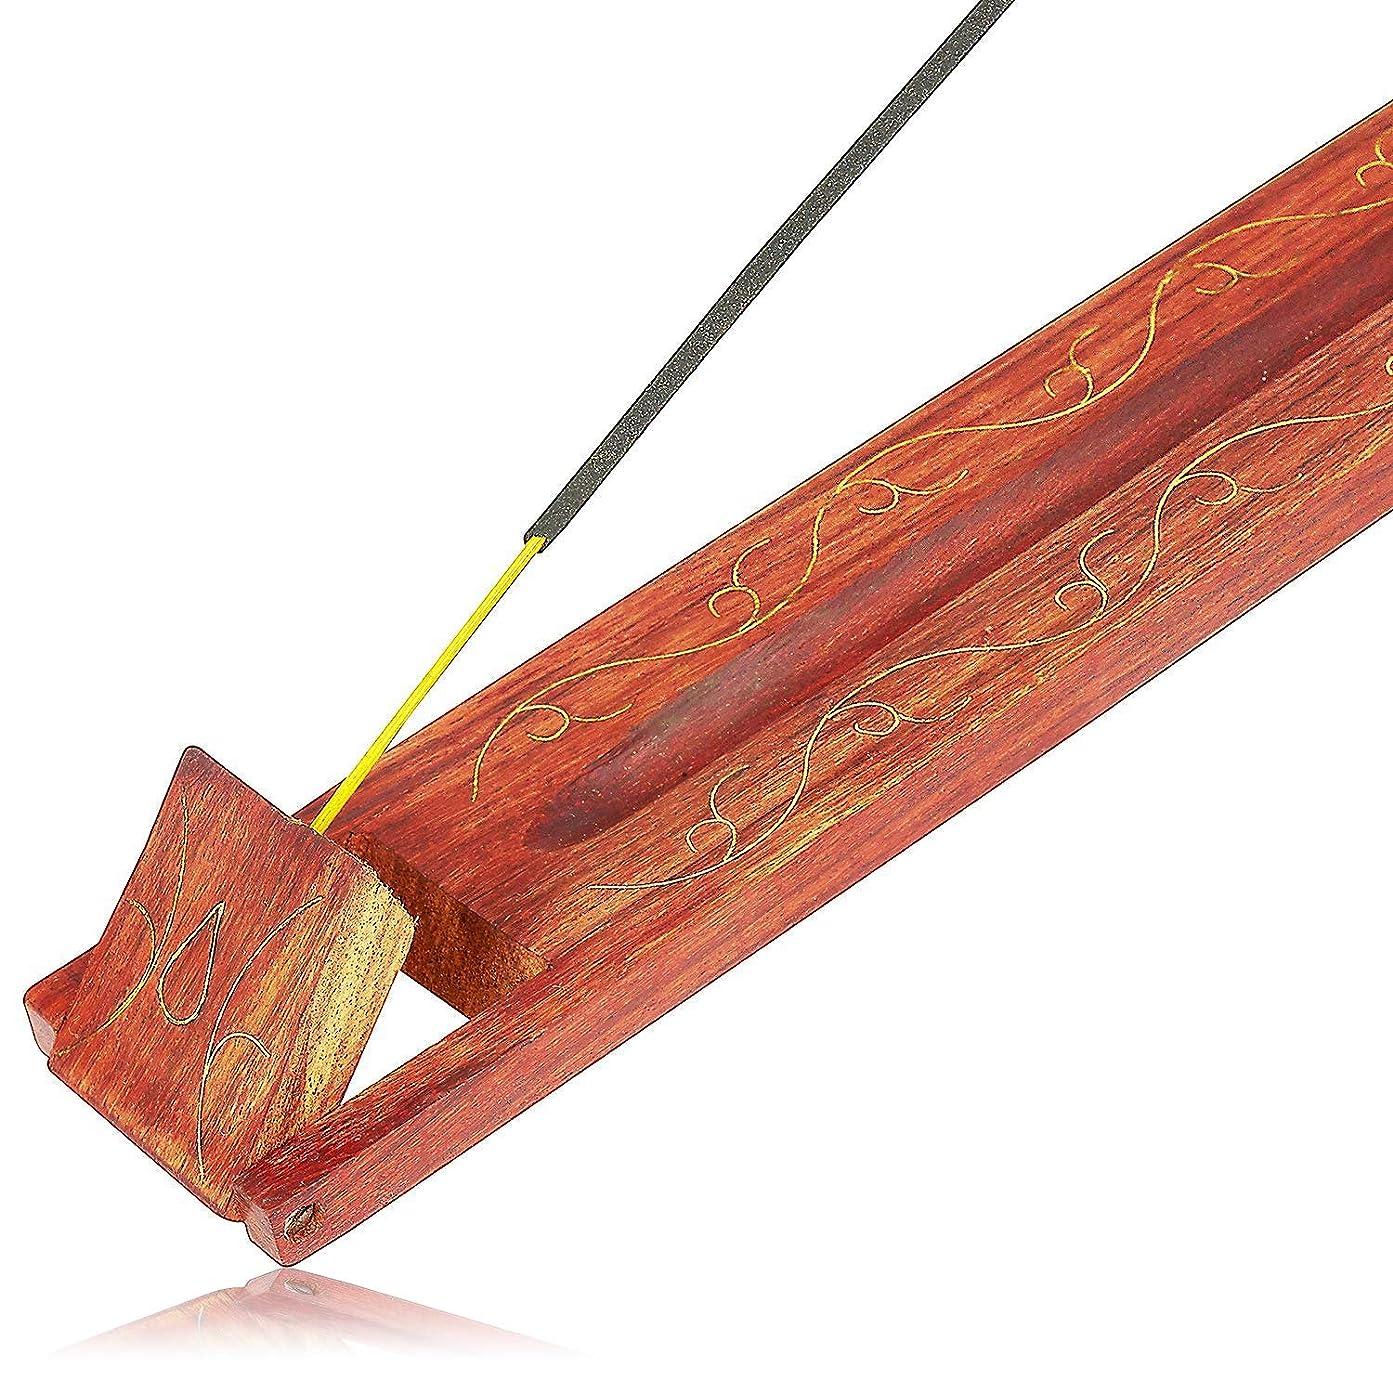 プロテスタントニッケル繊毛母の日ギフト木製お香スティックバーナーホルダーリーフオーガニックEco Friendly AshキャッチャートレイAgarbattiホルダー素朴なスタイル手彫りの瞑想ヨガアロマテラピーHome Fragrance製品